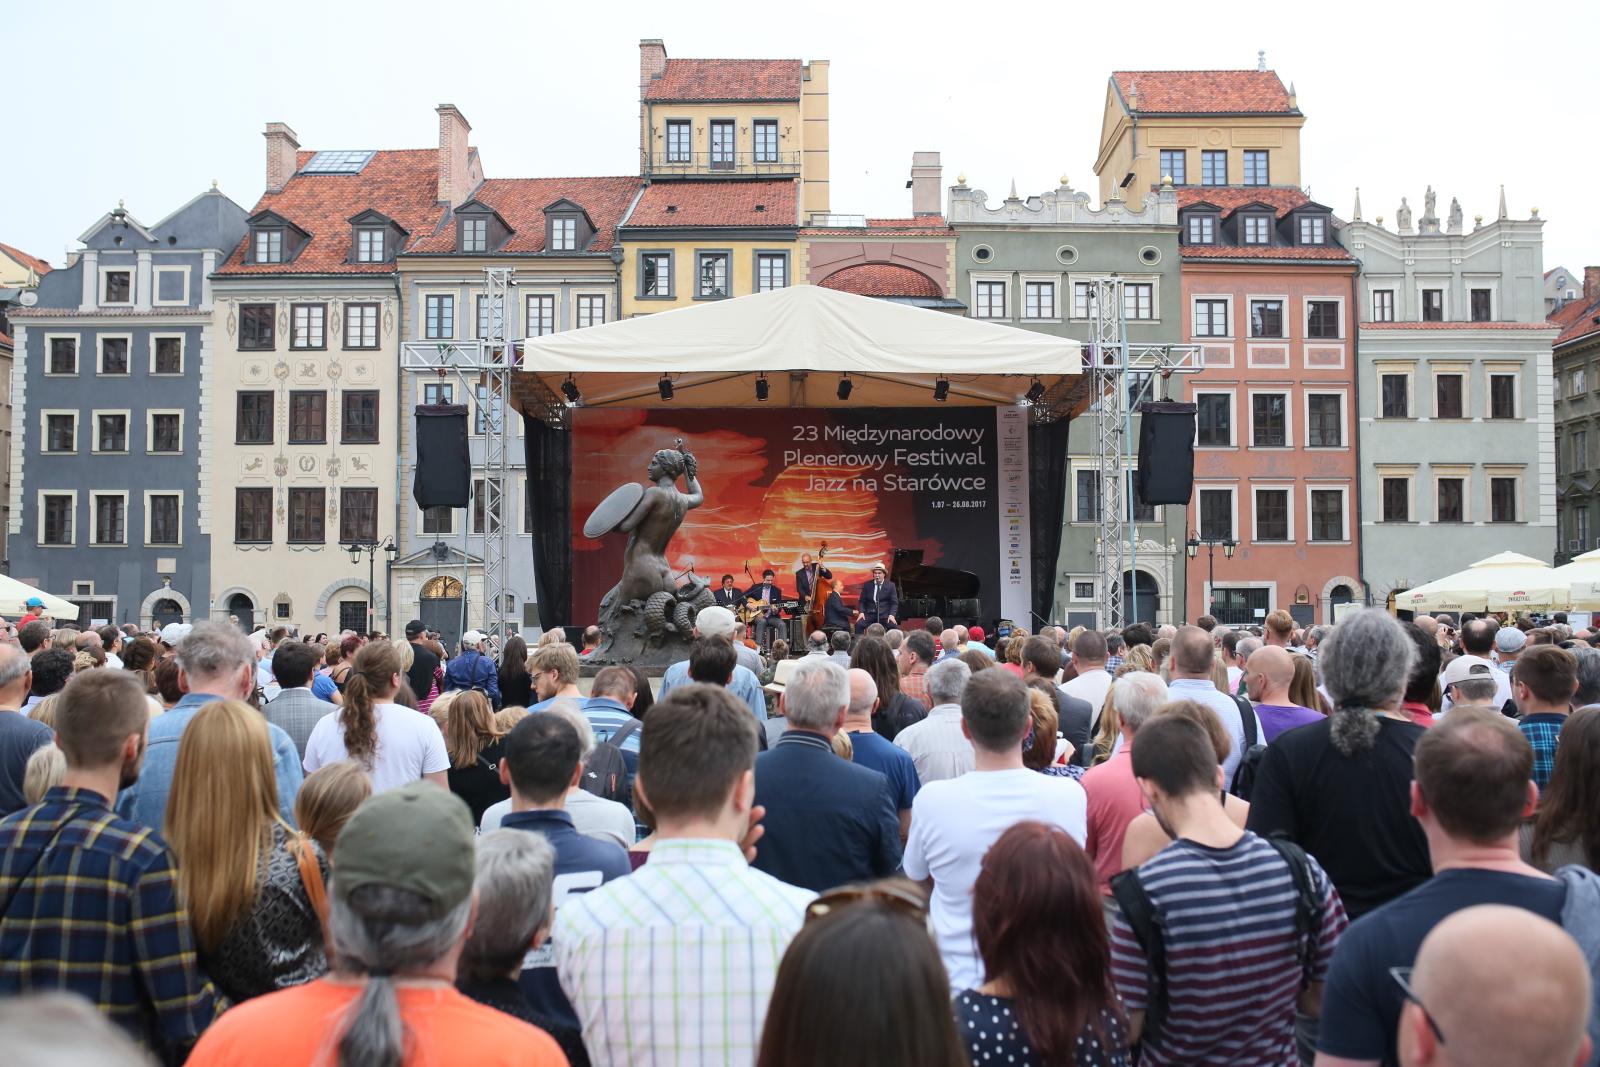 Koncert amerykańskiego gitarzysty Johna Pizzarelliego podczas koncertu w ramach 23. Międzynarodowego Plenerowego Festiwalu Jazz Na Starówce.